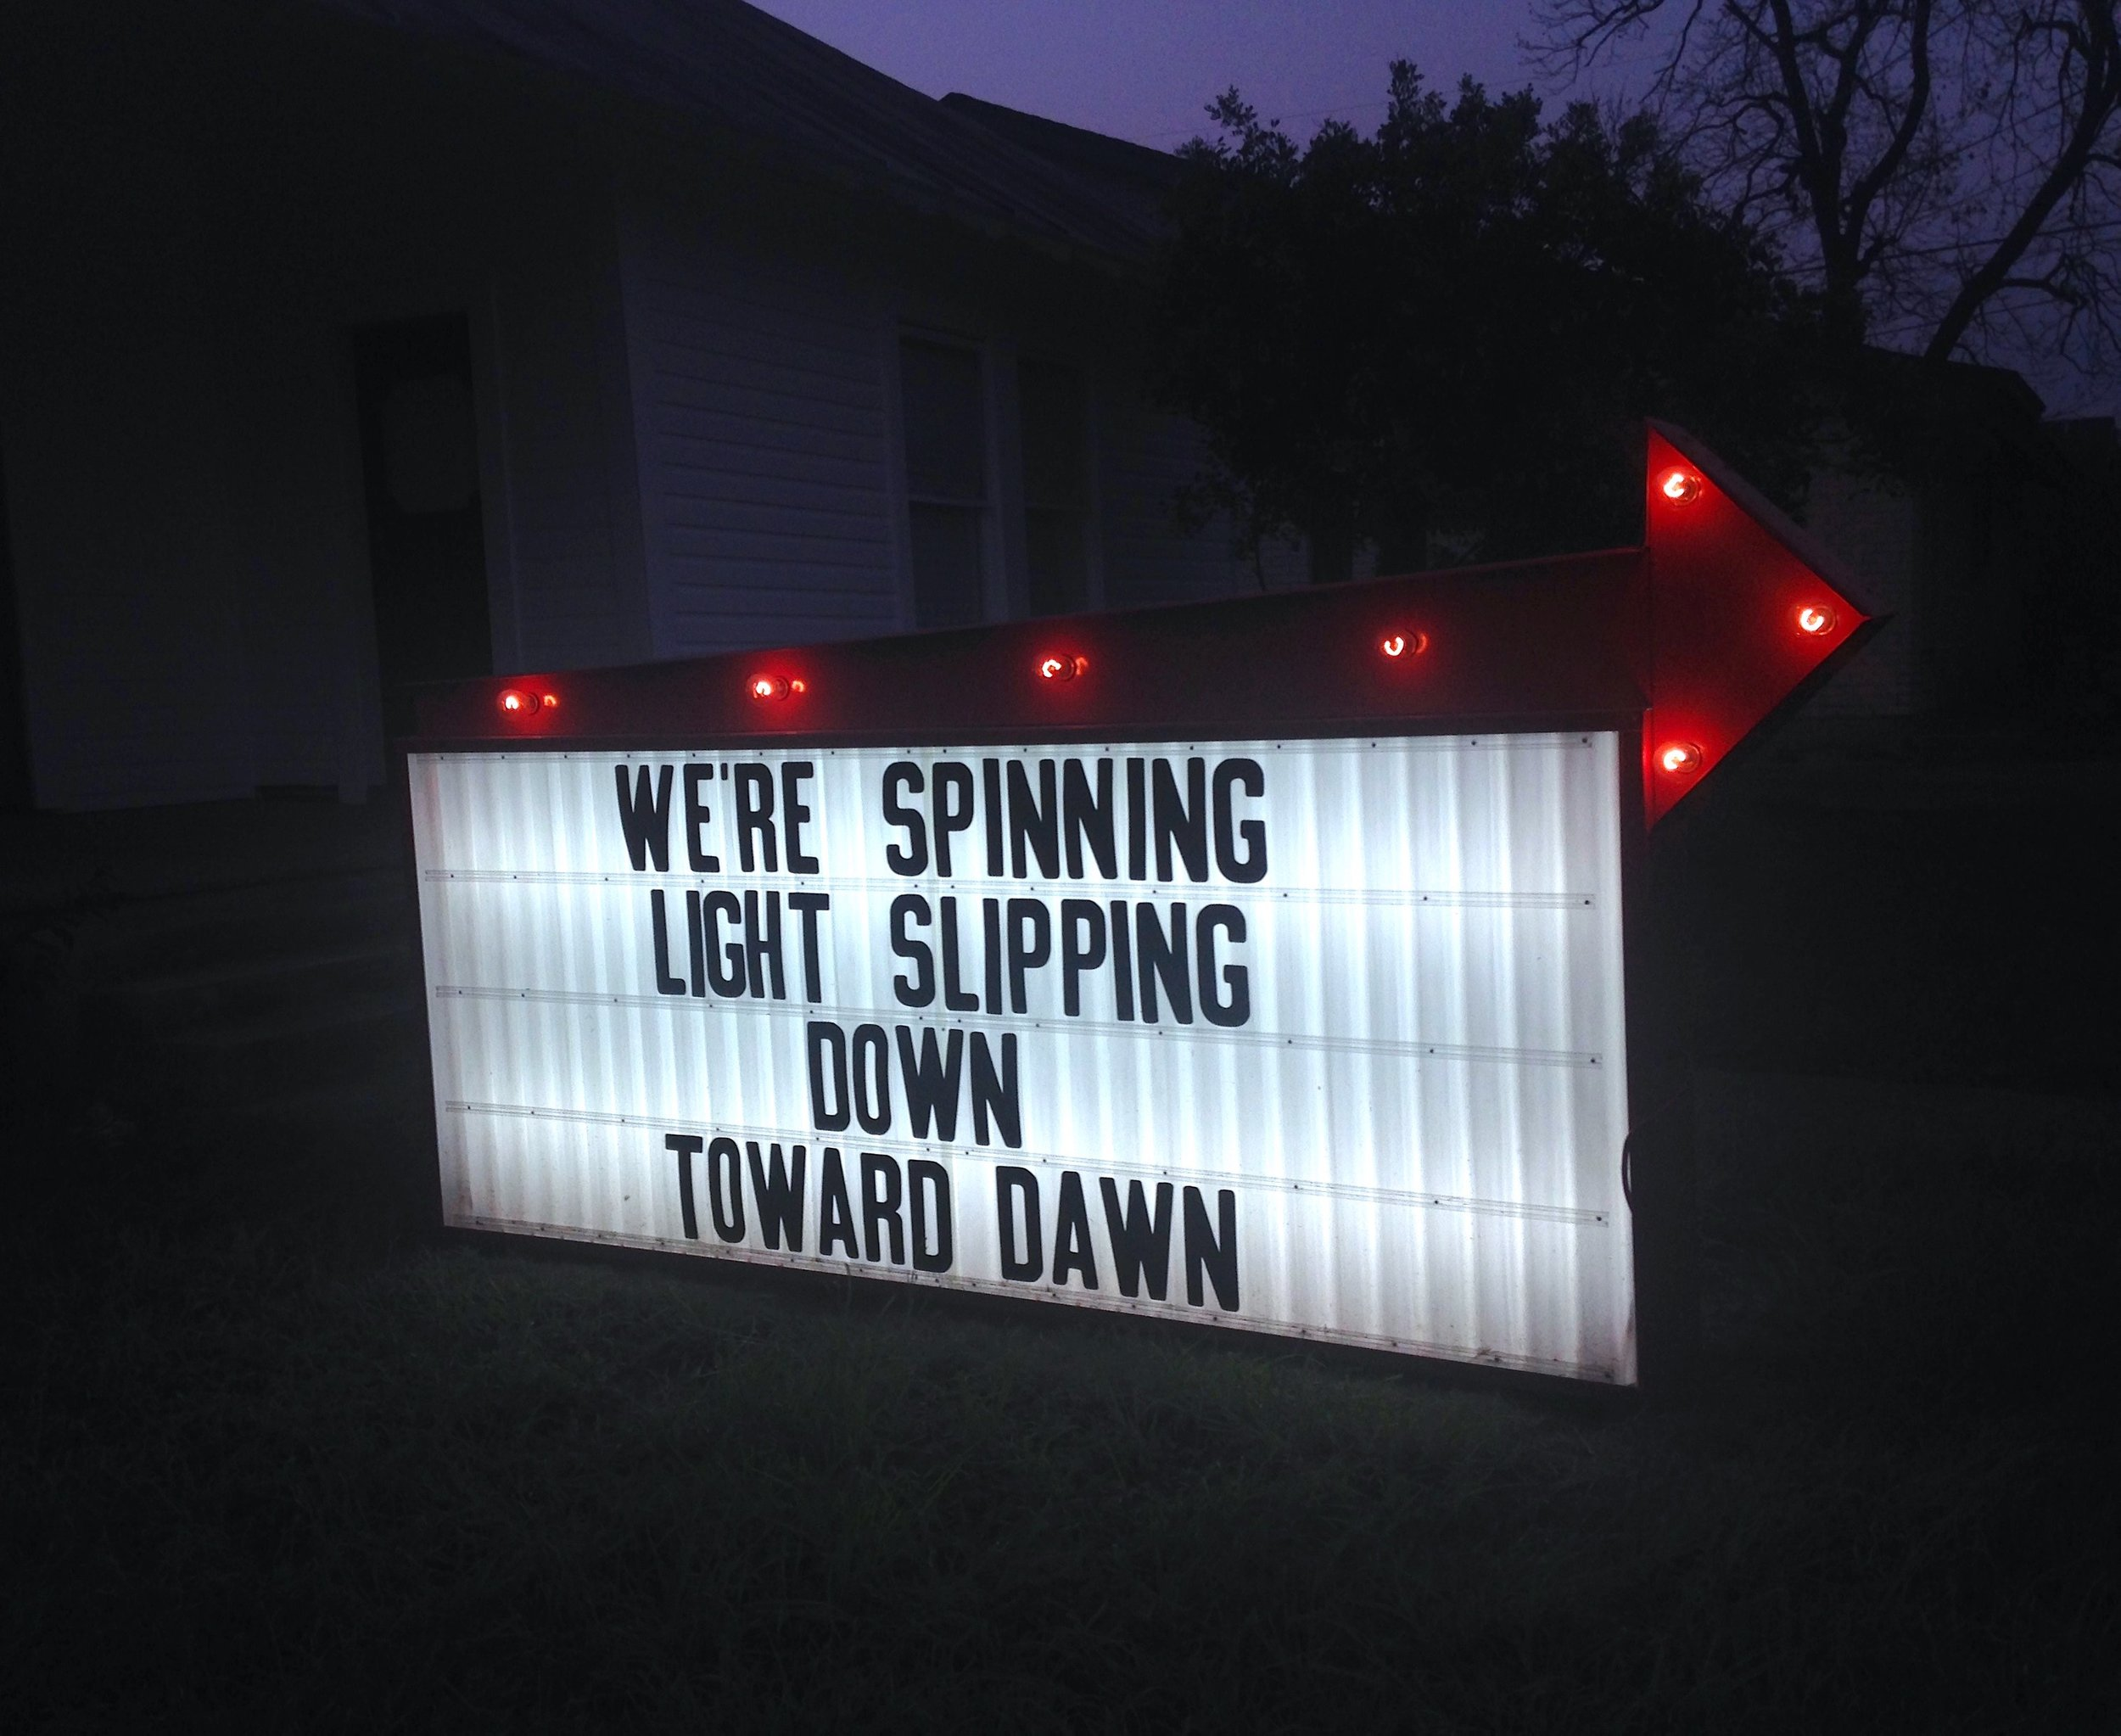 spinning light slipping copy 2.jpg